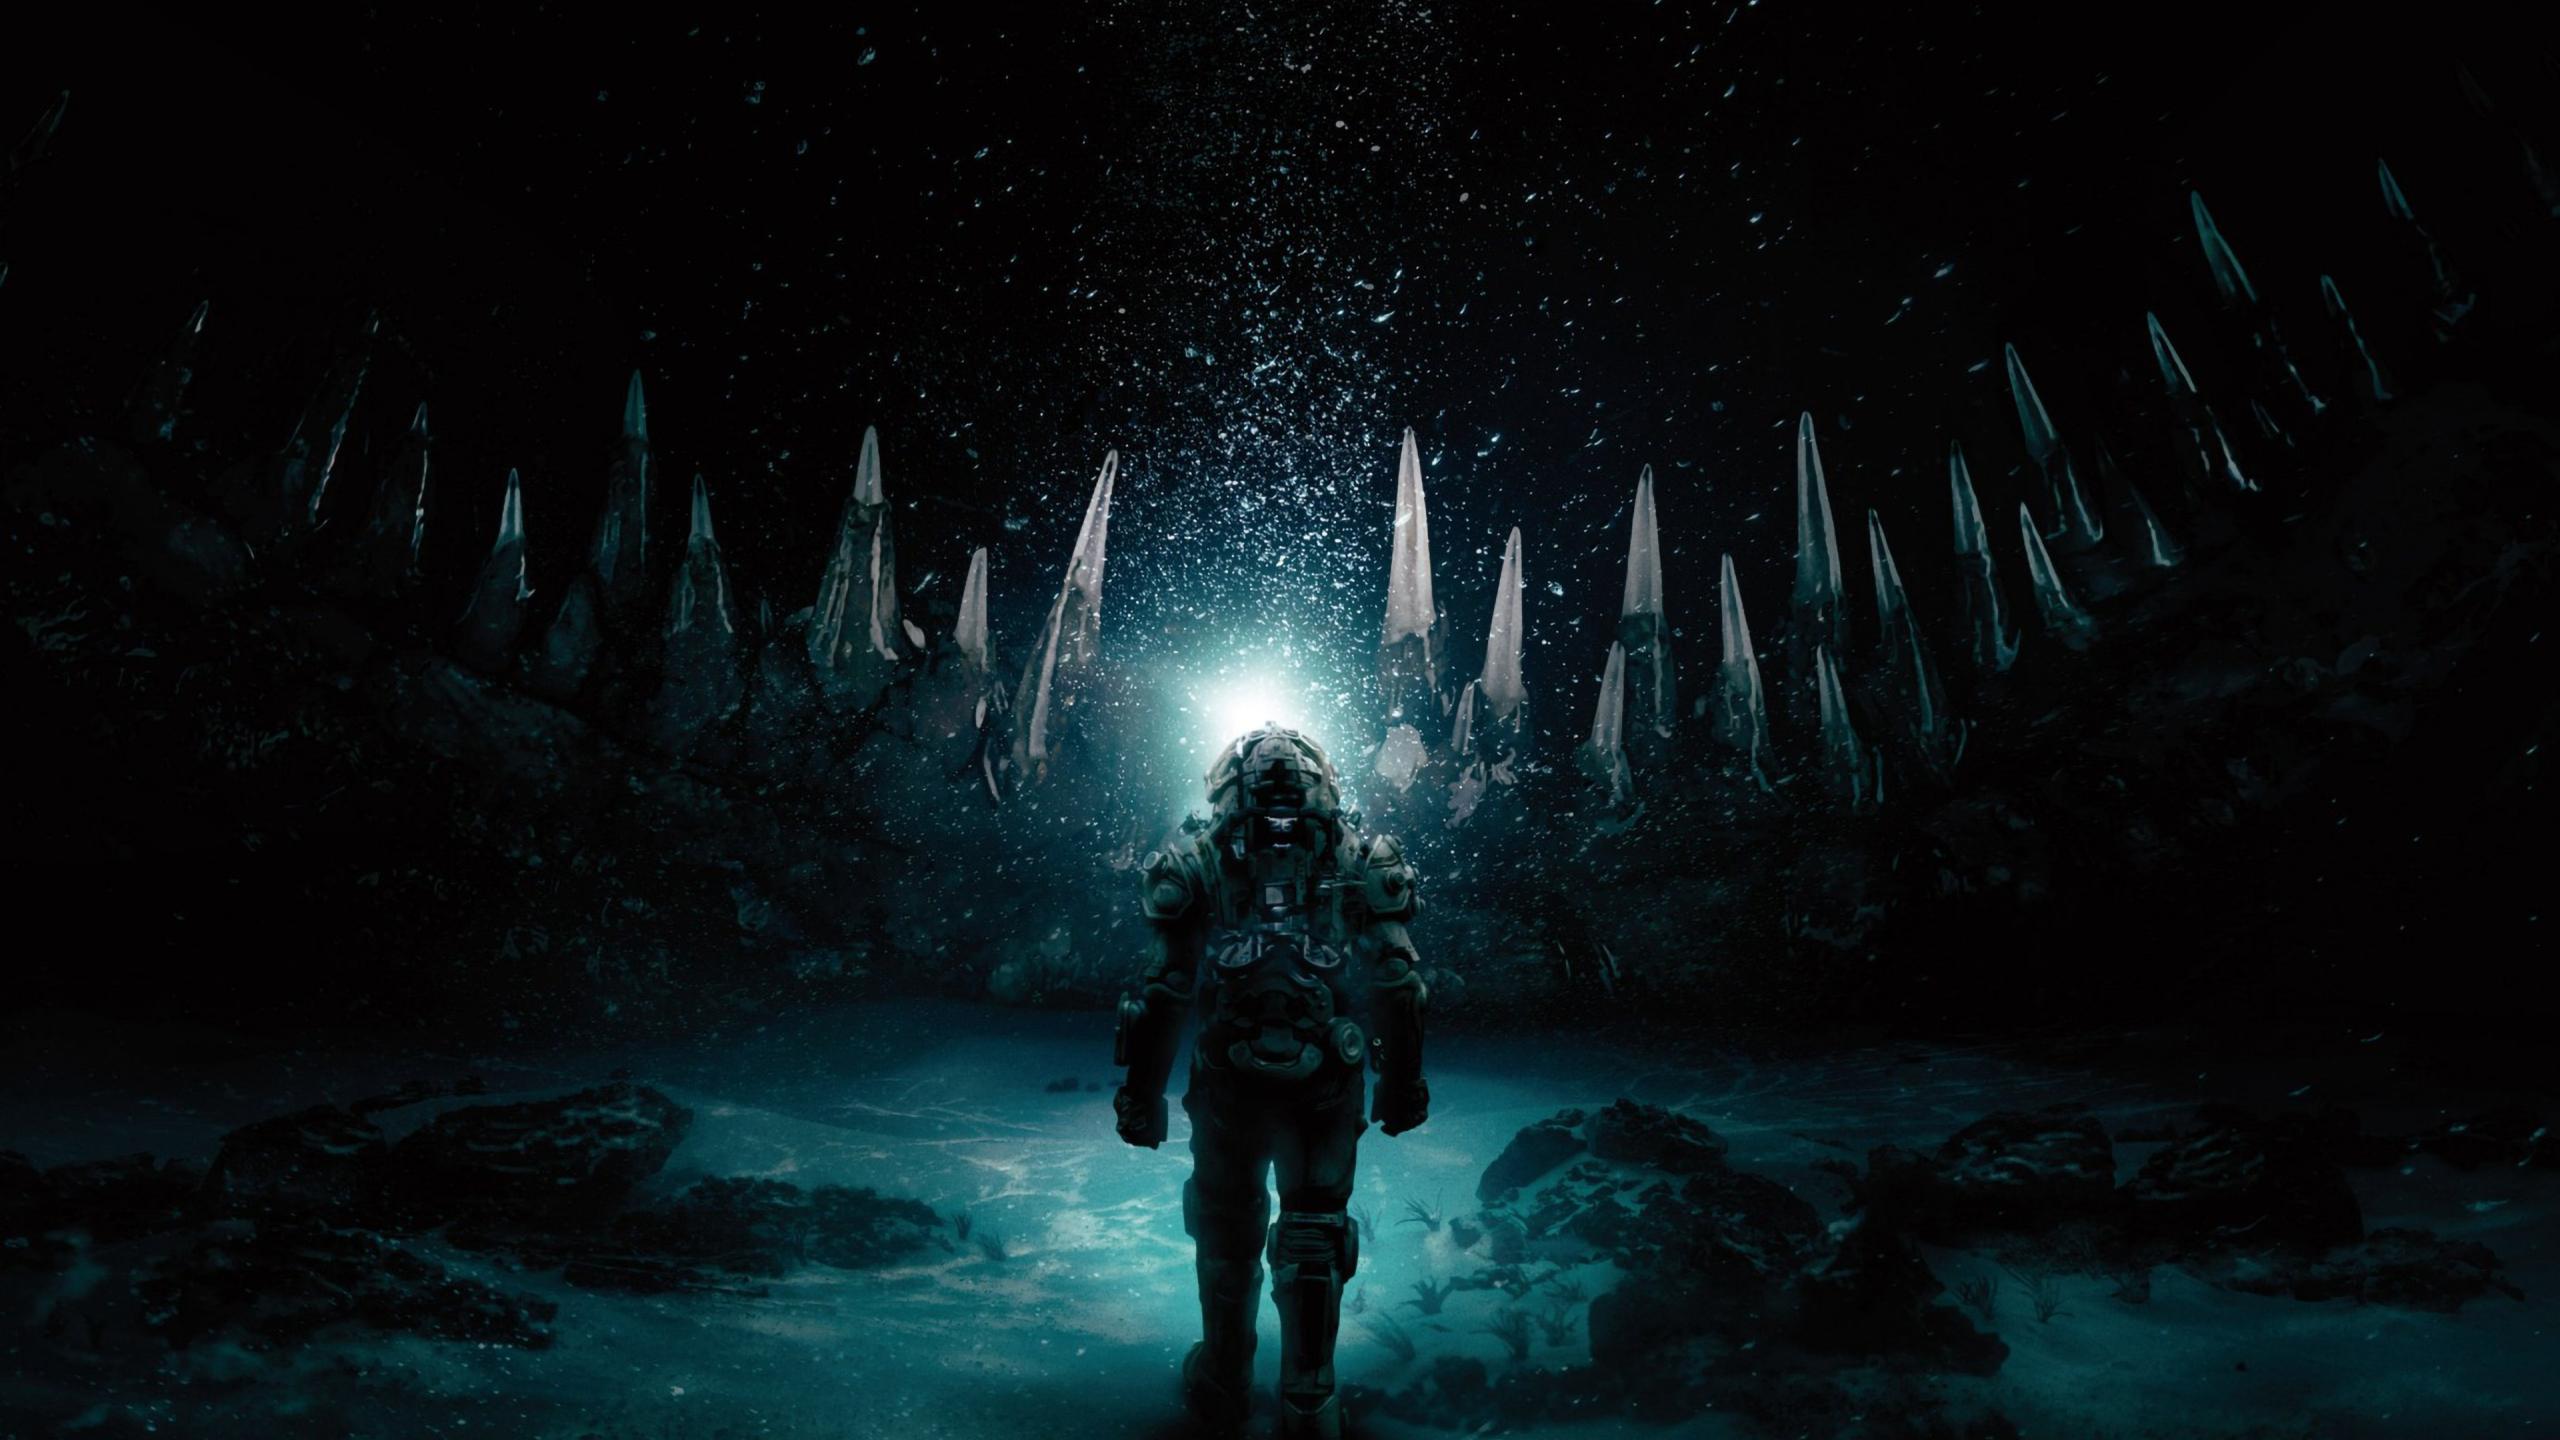 2560x1440 Underwater 2020 Movie 1440P Resolution Wallpaper HD 2560x1440